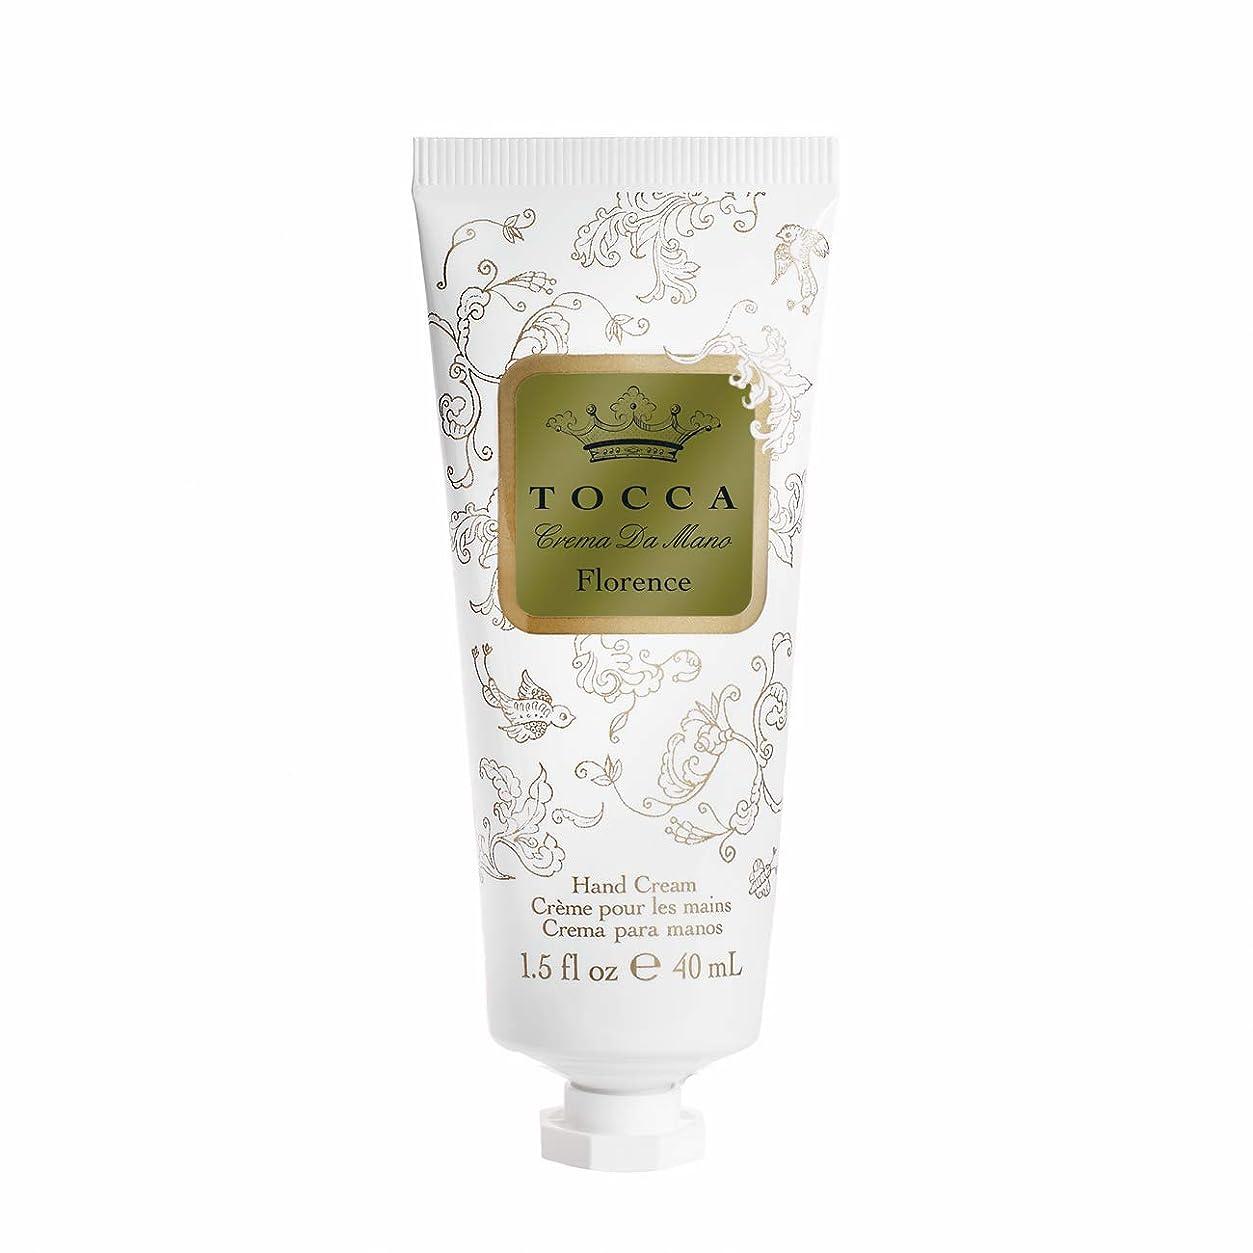 恨み抽出前述のトッカ(TOCCA) ハンドクリーム フローレンスの香り 40mL (ガーデニアとベルガモットが誘うように溶け合うどこまでも上品なフローラルの香り)